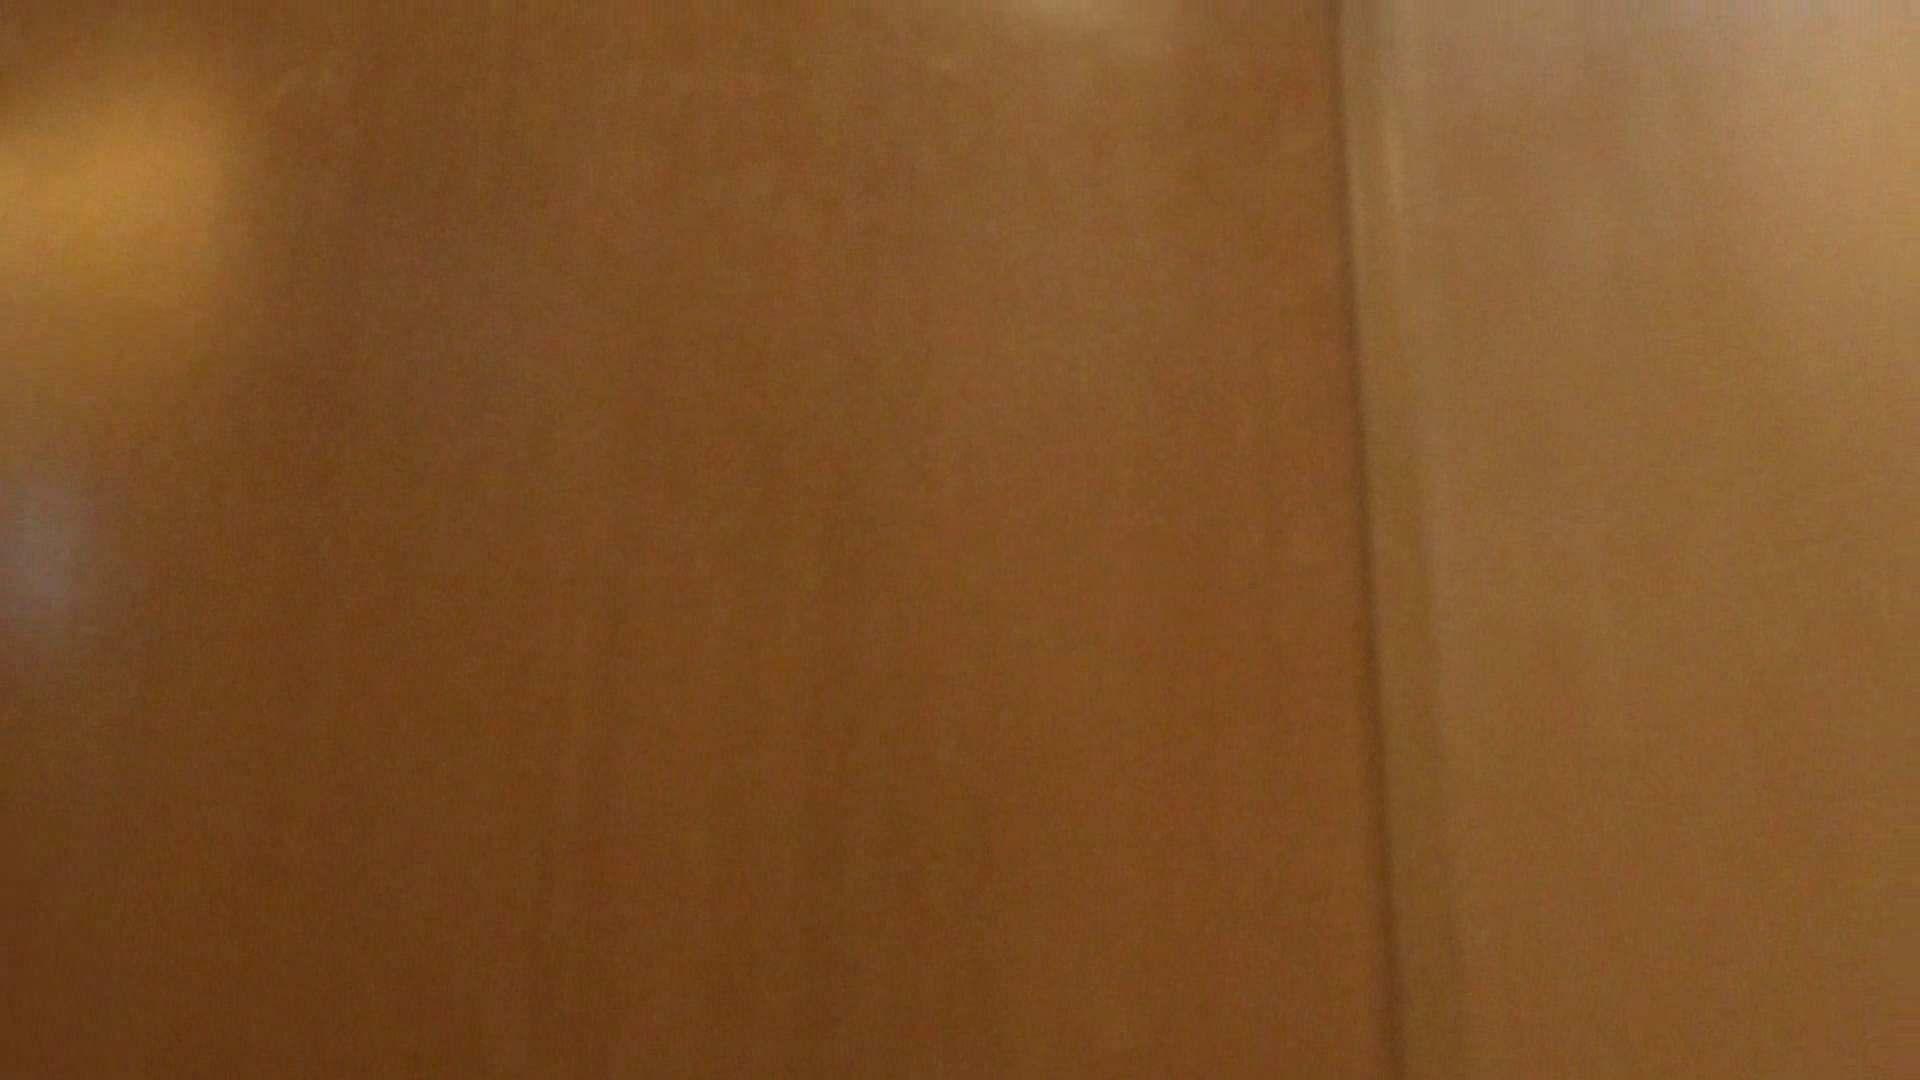 隣国化粧室下から御免!! No.02 美女 エロ無料画像 53連発 47